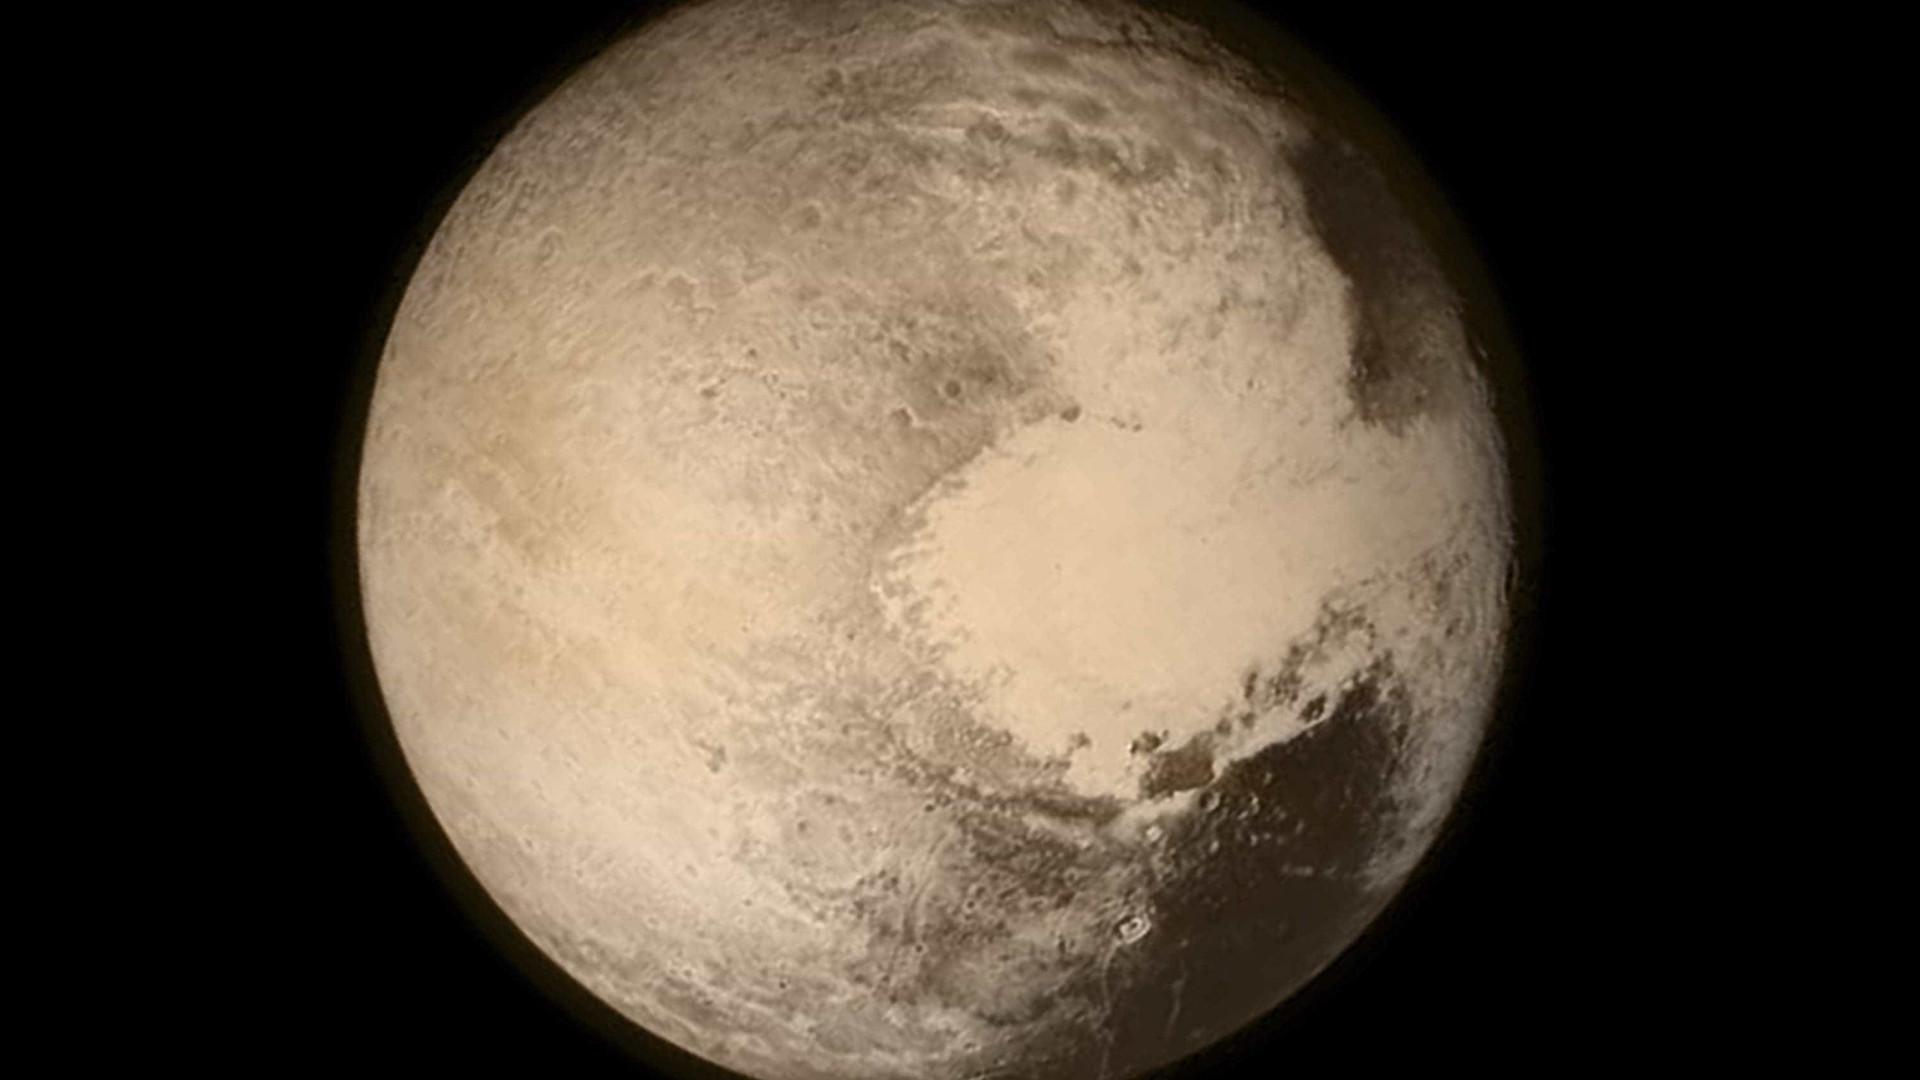 Nova teoria afirma que Plutão não é planeta, mas cometa gigante